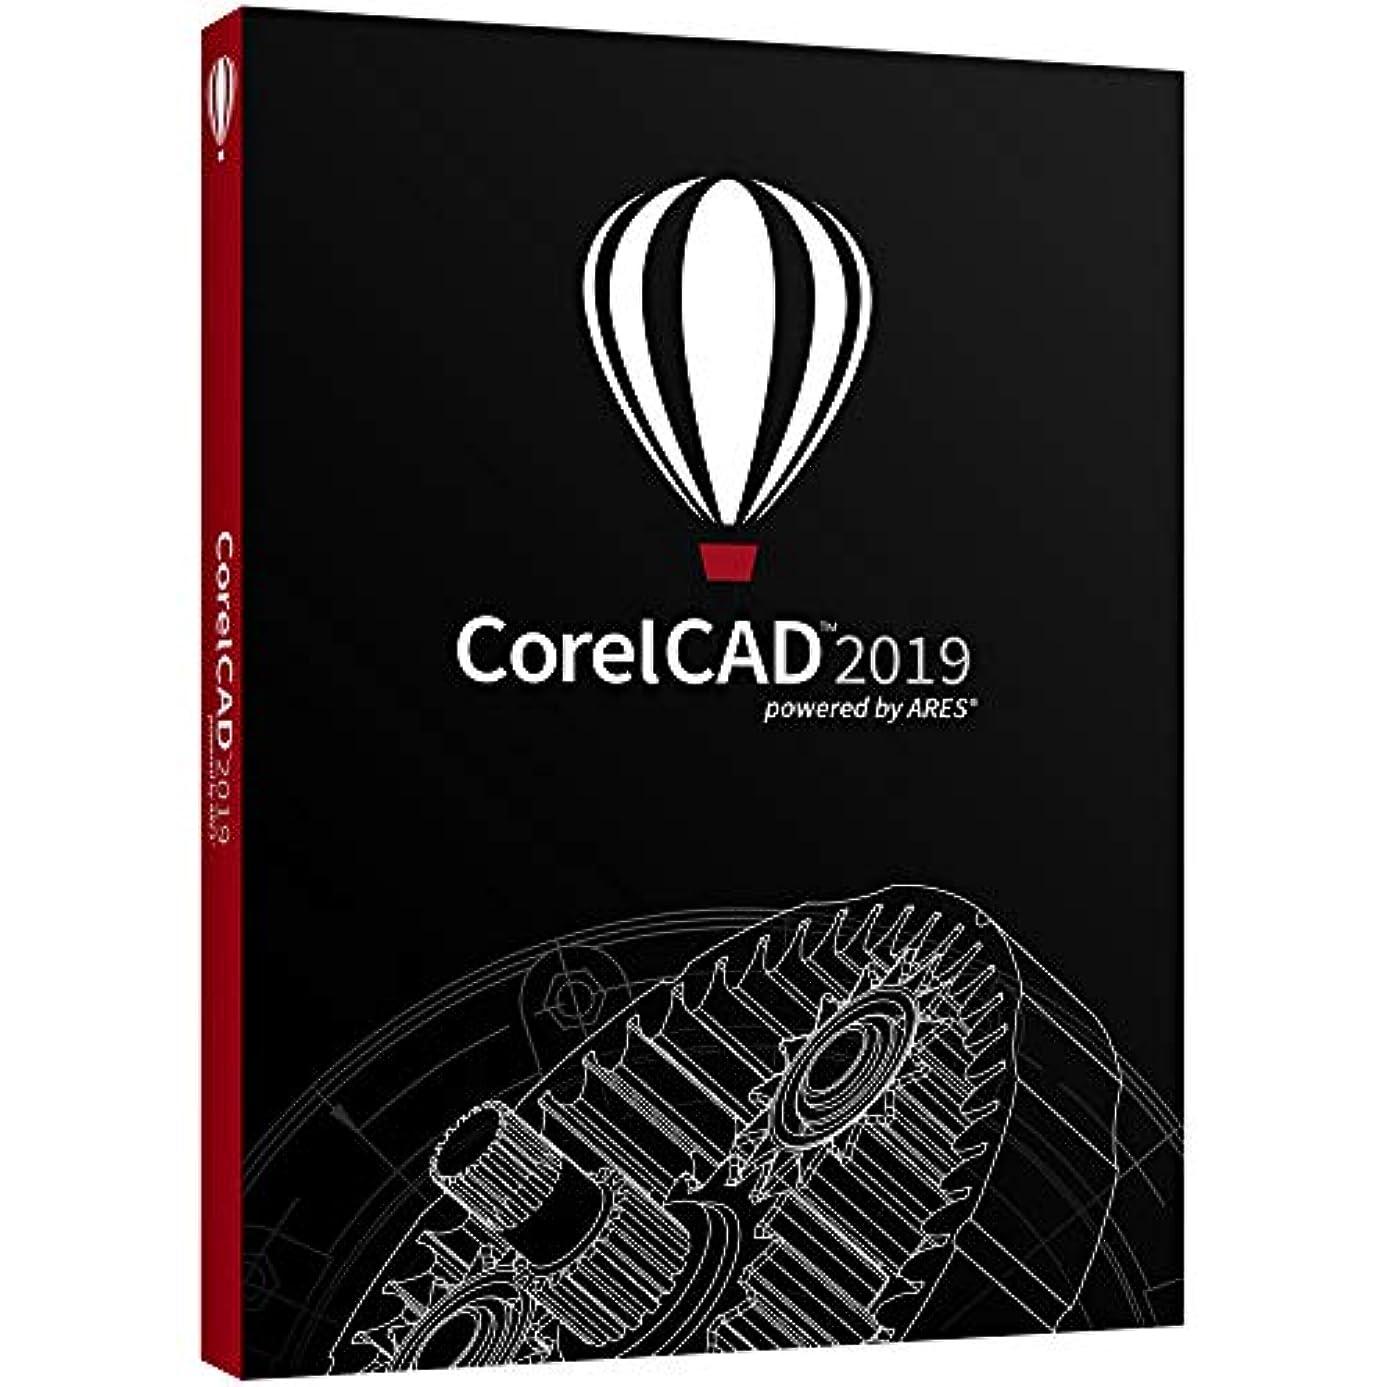 悲惨叫び声息切れCorel CAD 2019 Education Edition, 別途 CorelCAD 2019 レビュアーズガイド(英語) 付き [並行輸入品] (Mac/Windows)